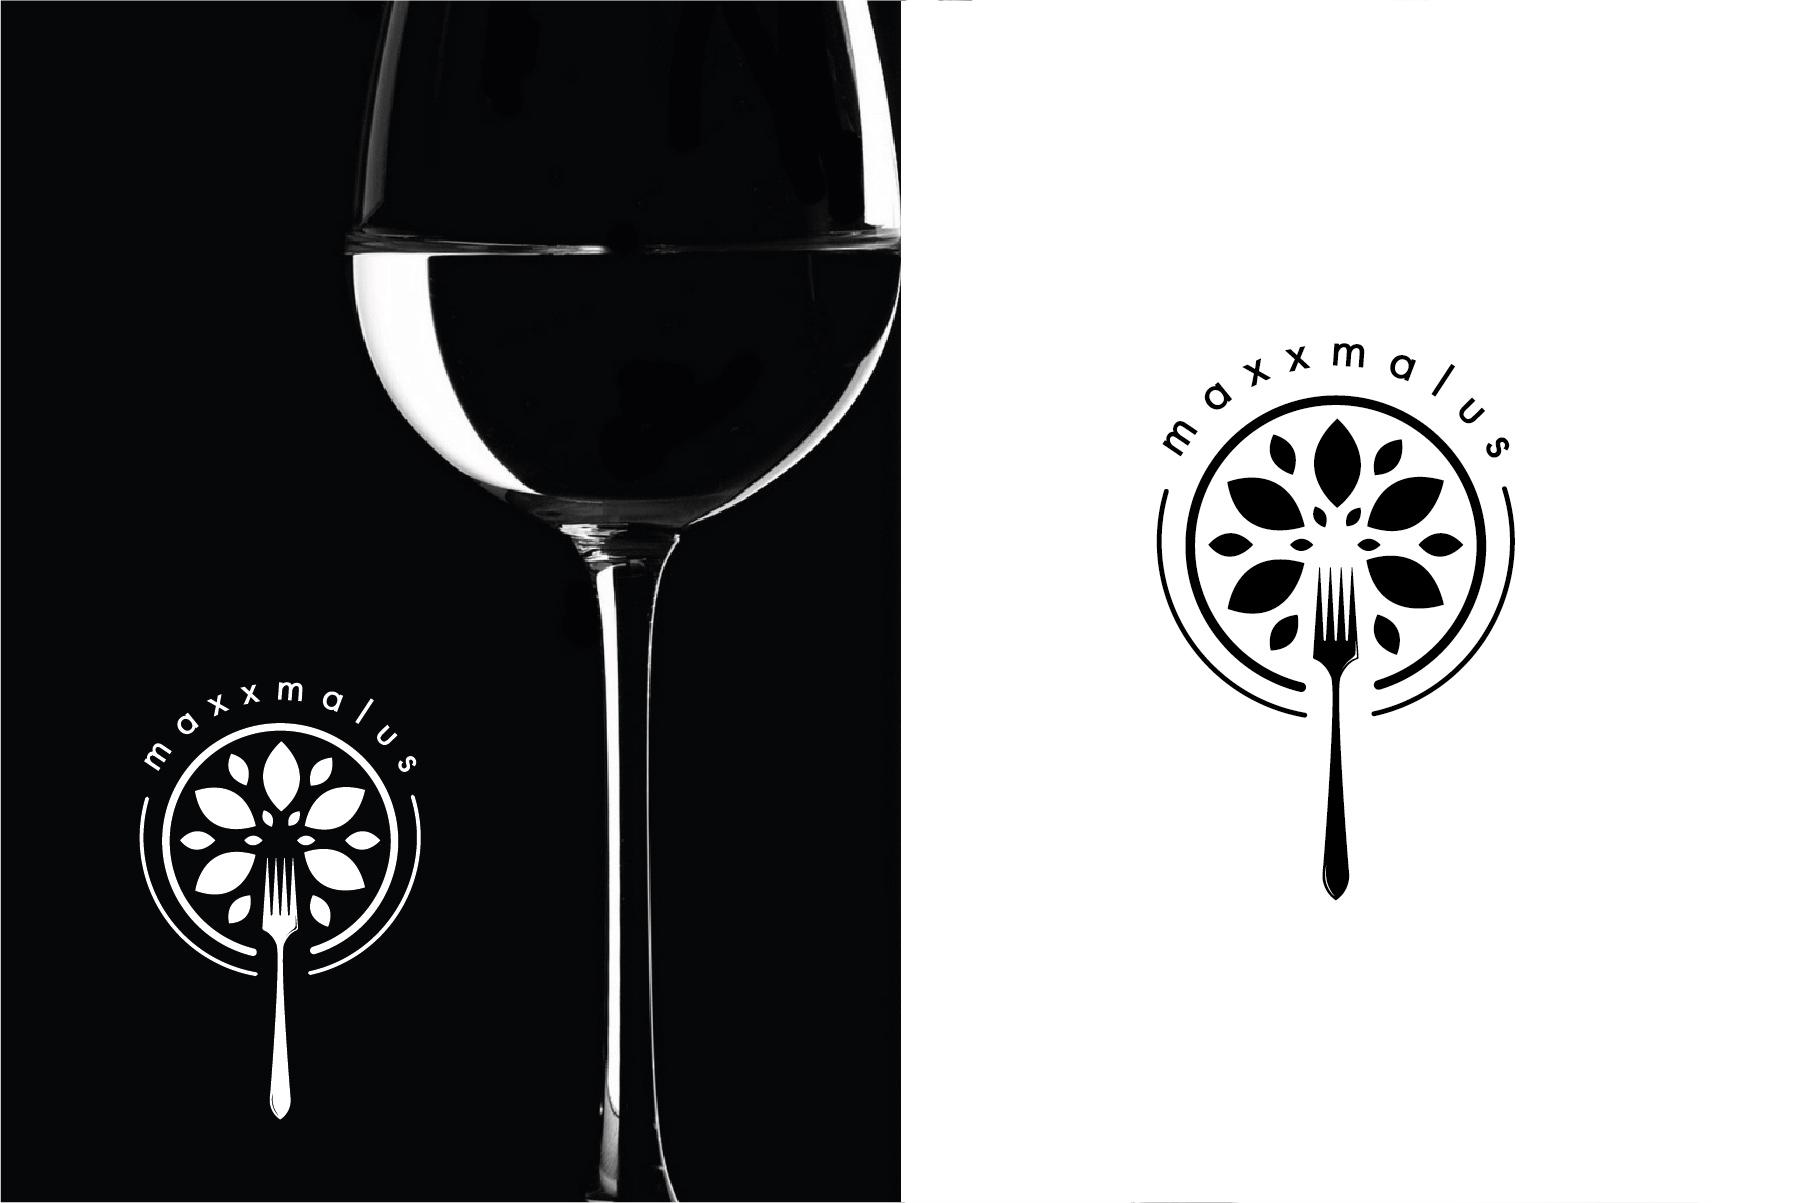 Логотип для нового бренда повседневной посуды фото f_9345ba13015017c9.jpg